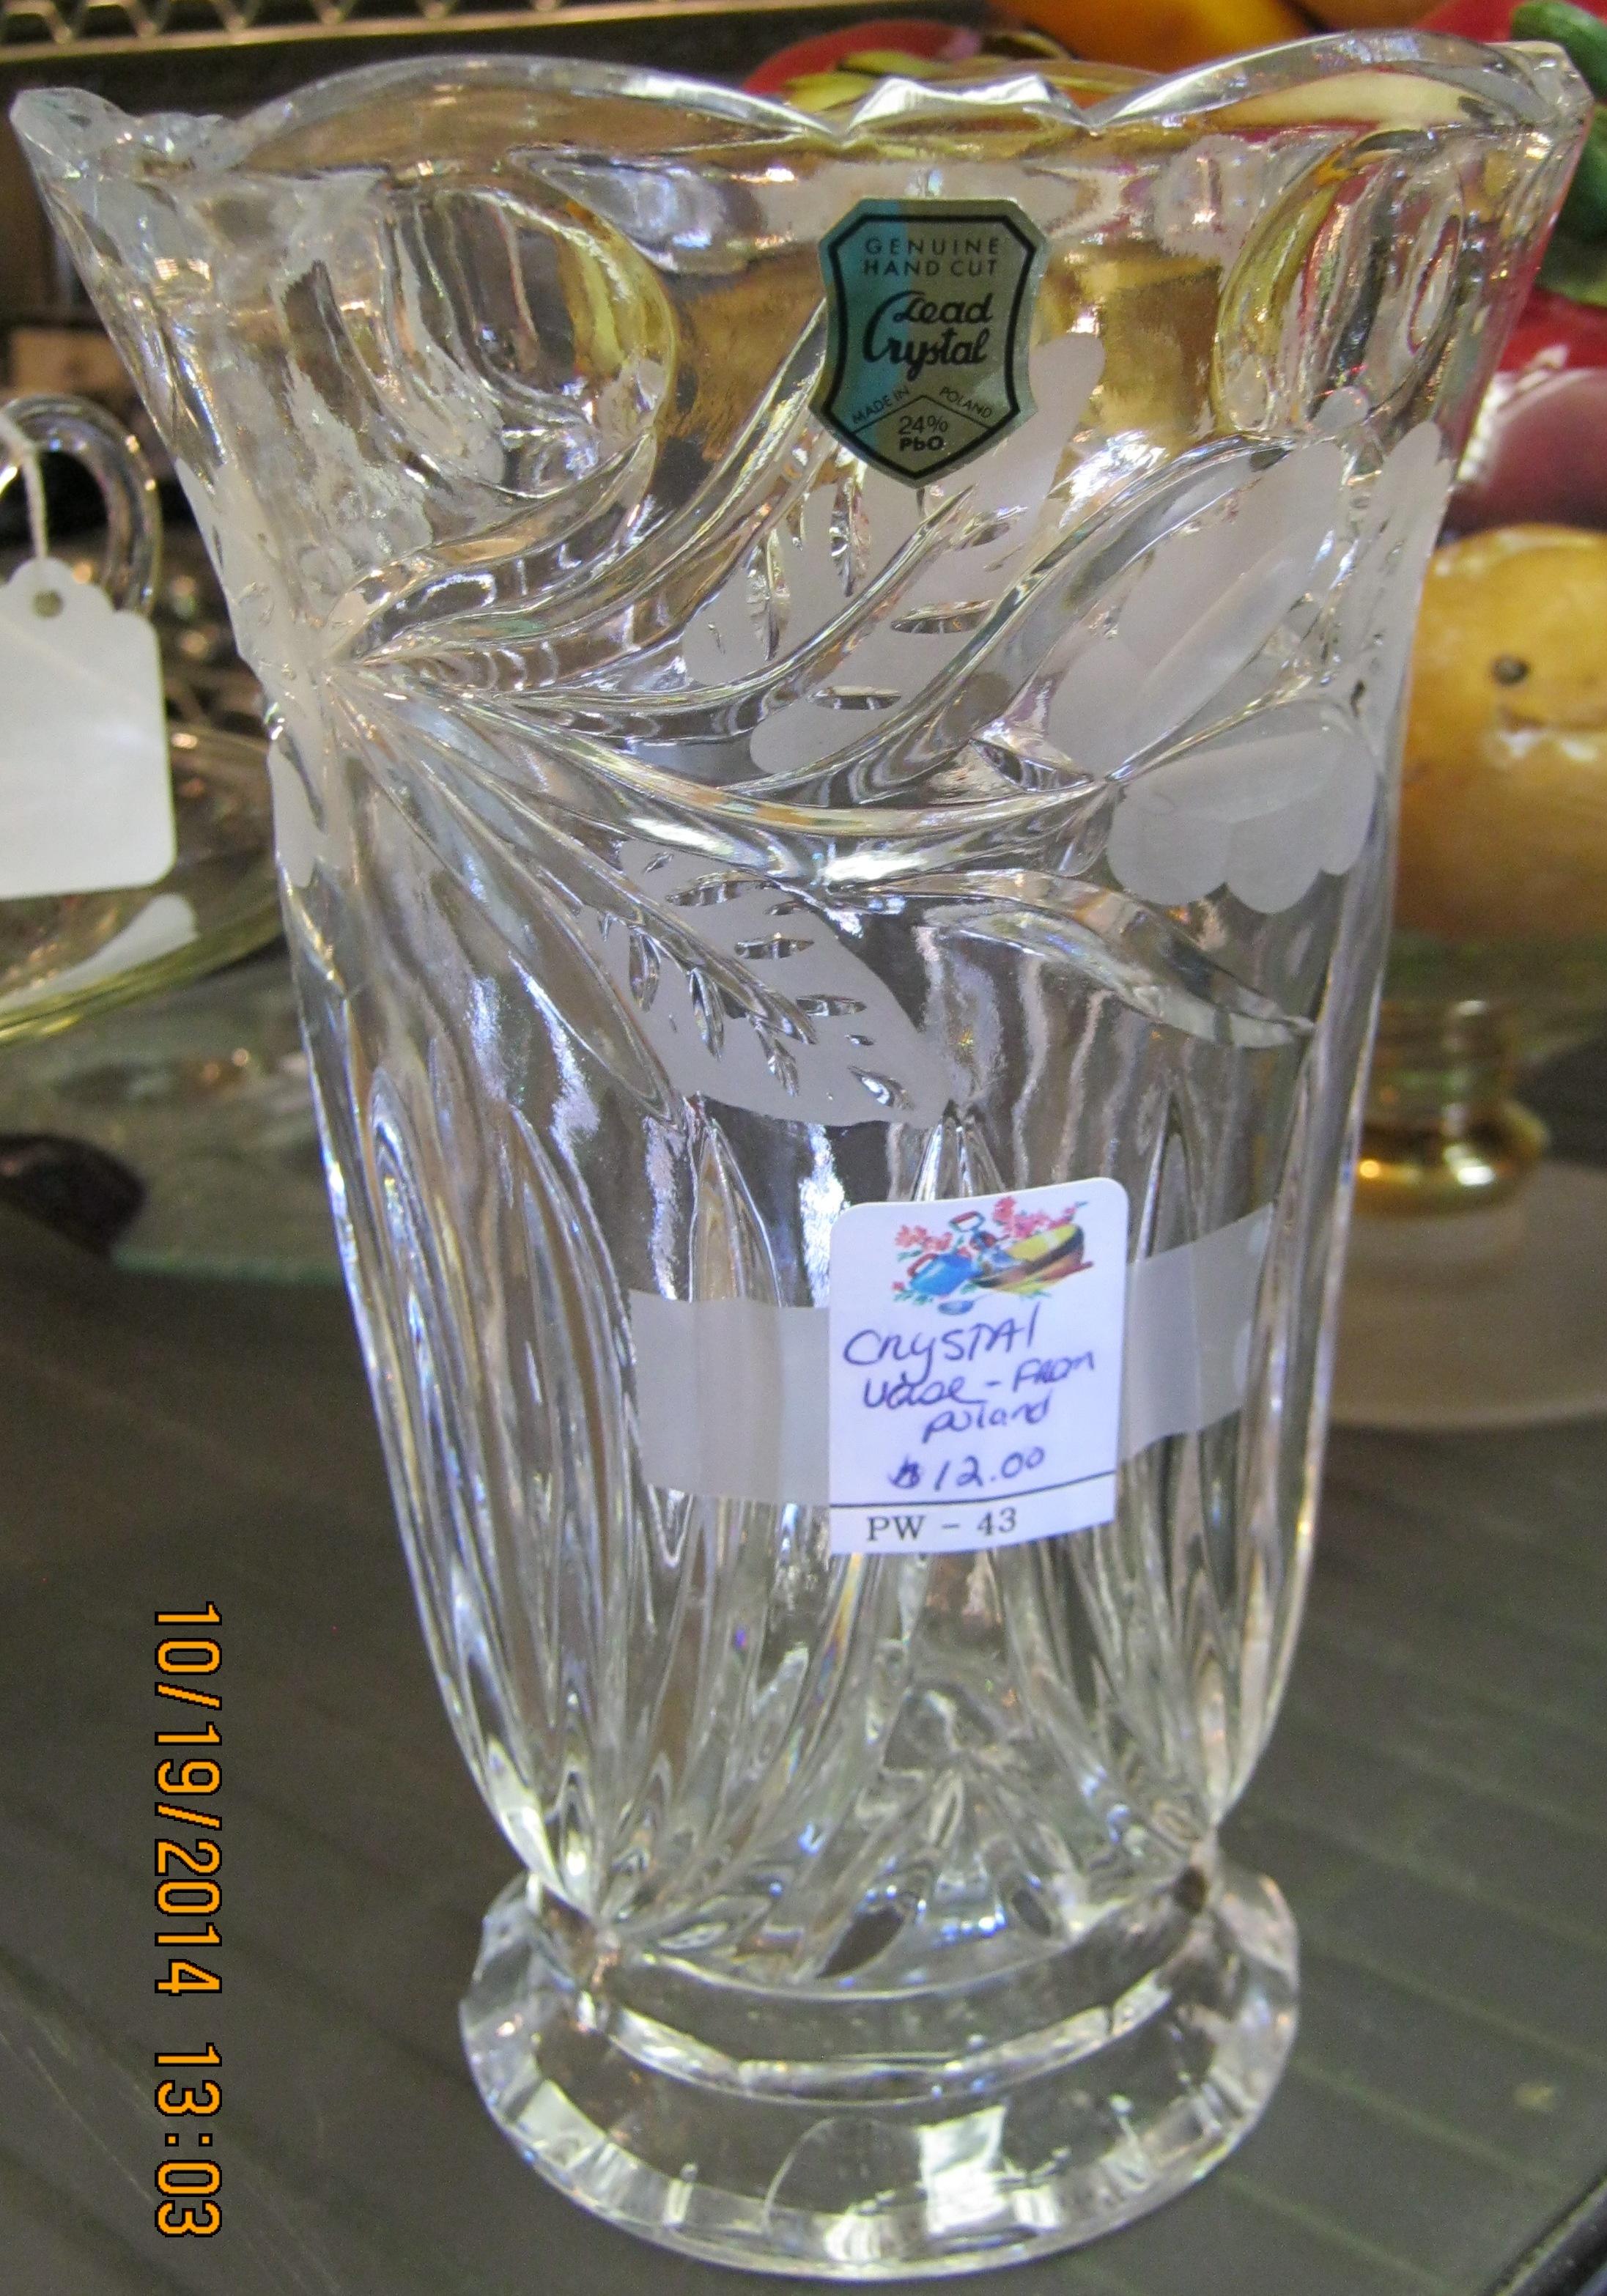 PW-43 Crystal Vase